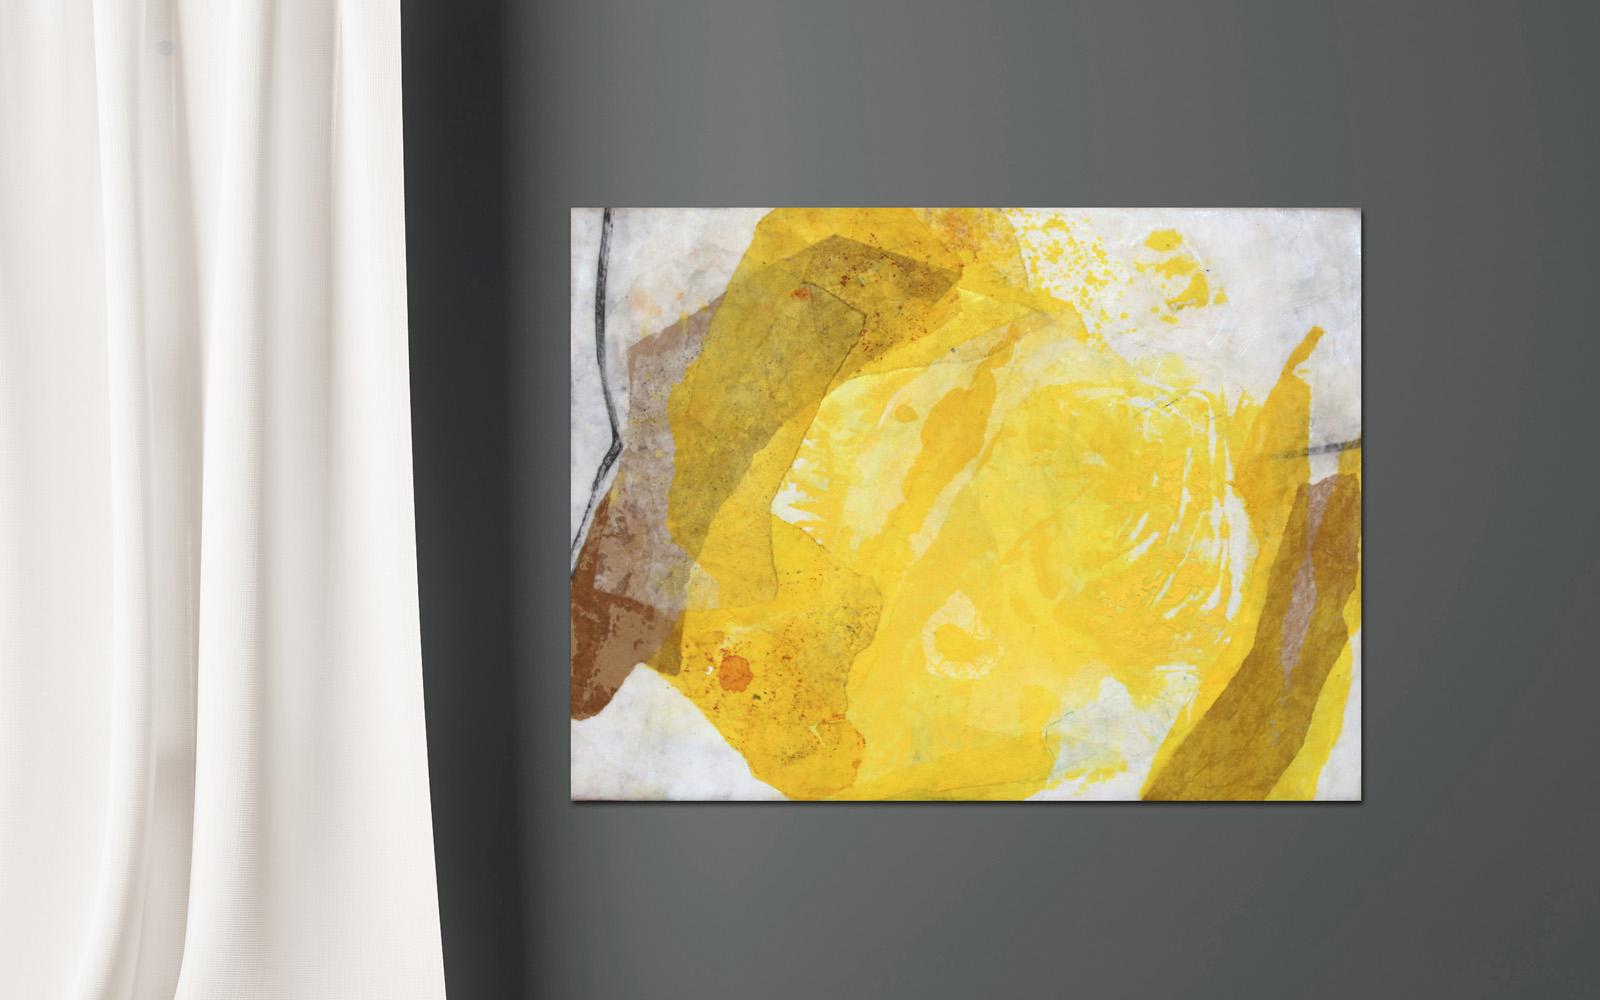 abstrakte Collage aus Chinapapier - gelb - Katja Gramann